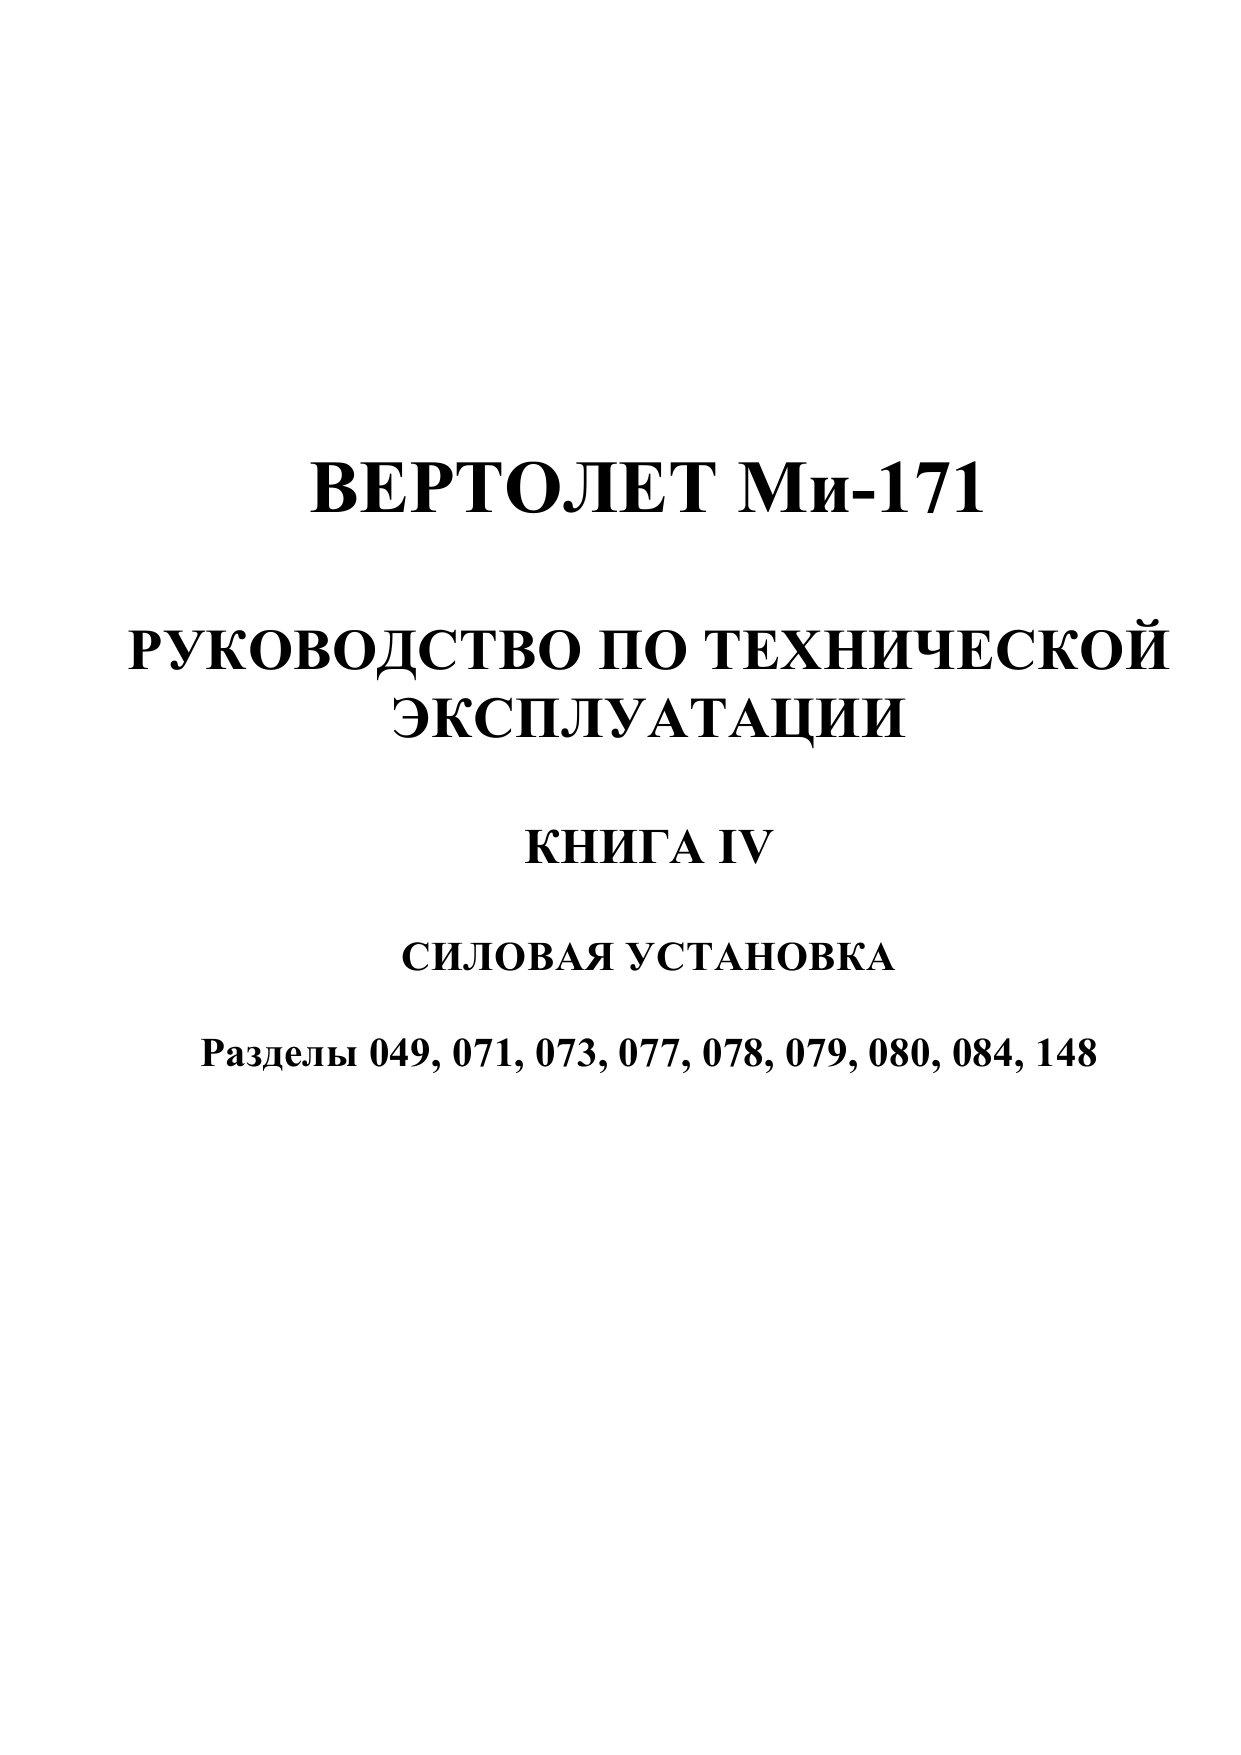 Обложка книги Ми-171. Силовая установка. (Книга 4) (Коллектив авторов)